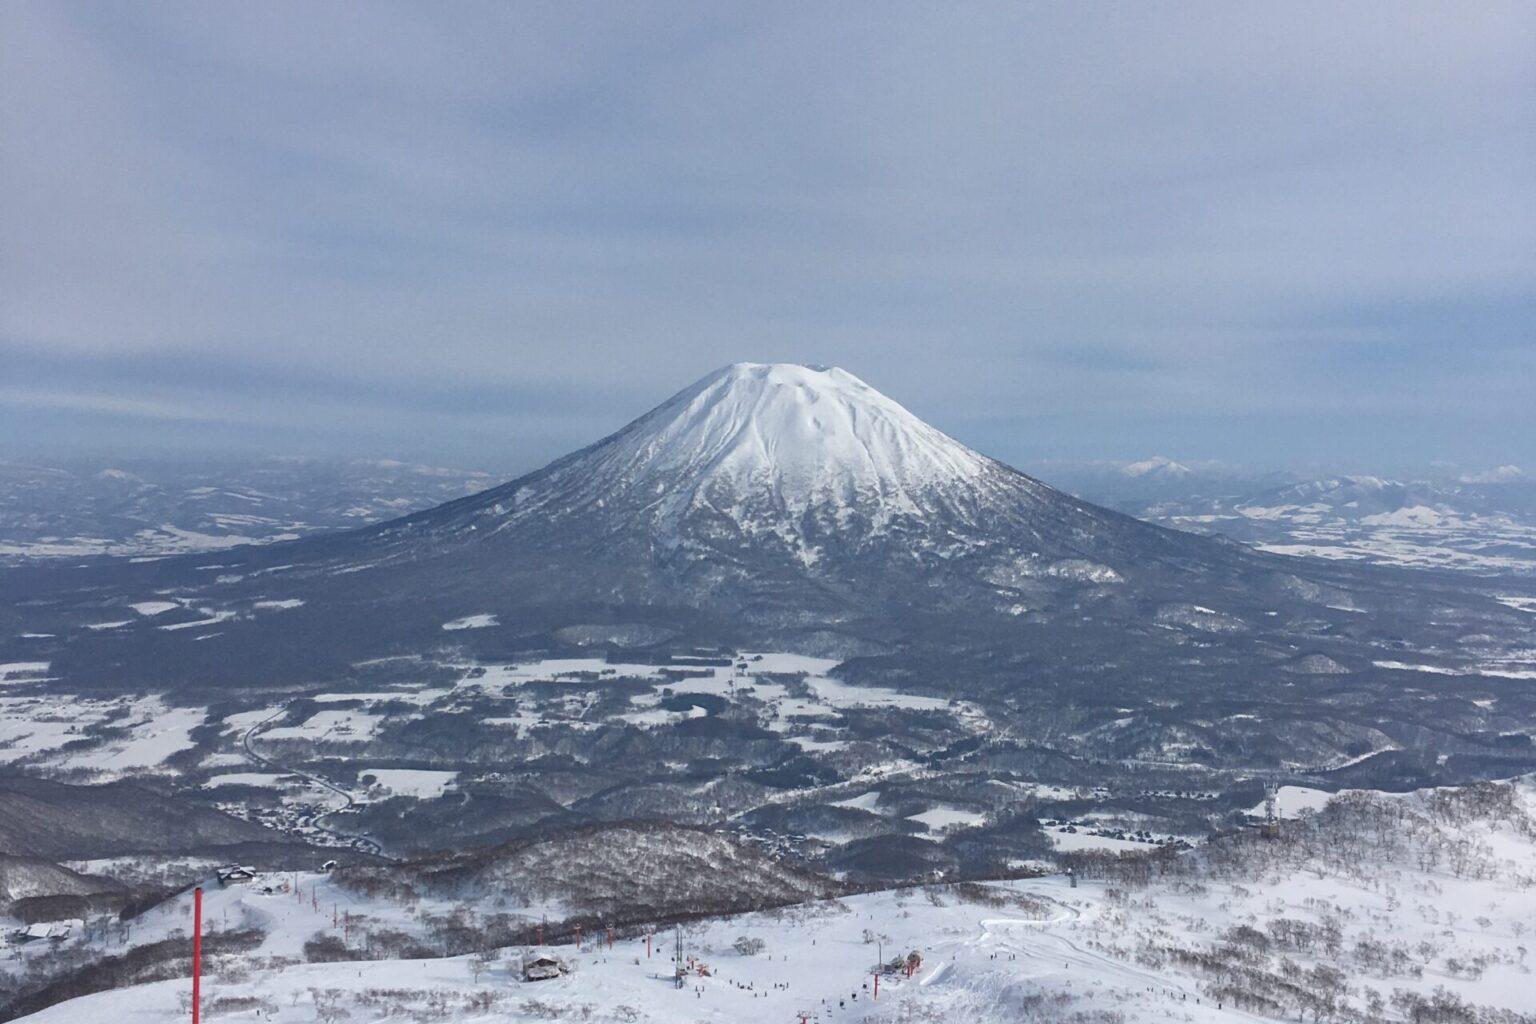 Mt Yotei, Niseko